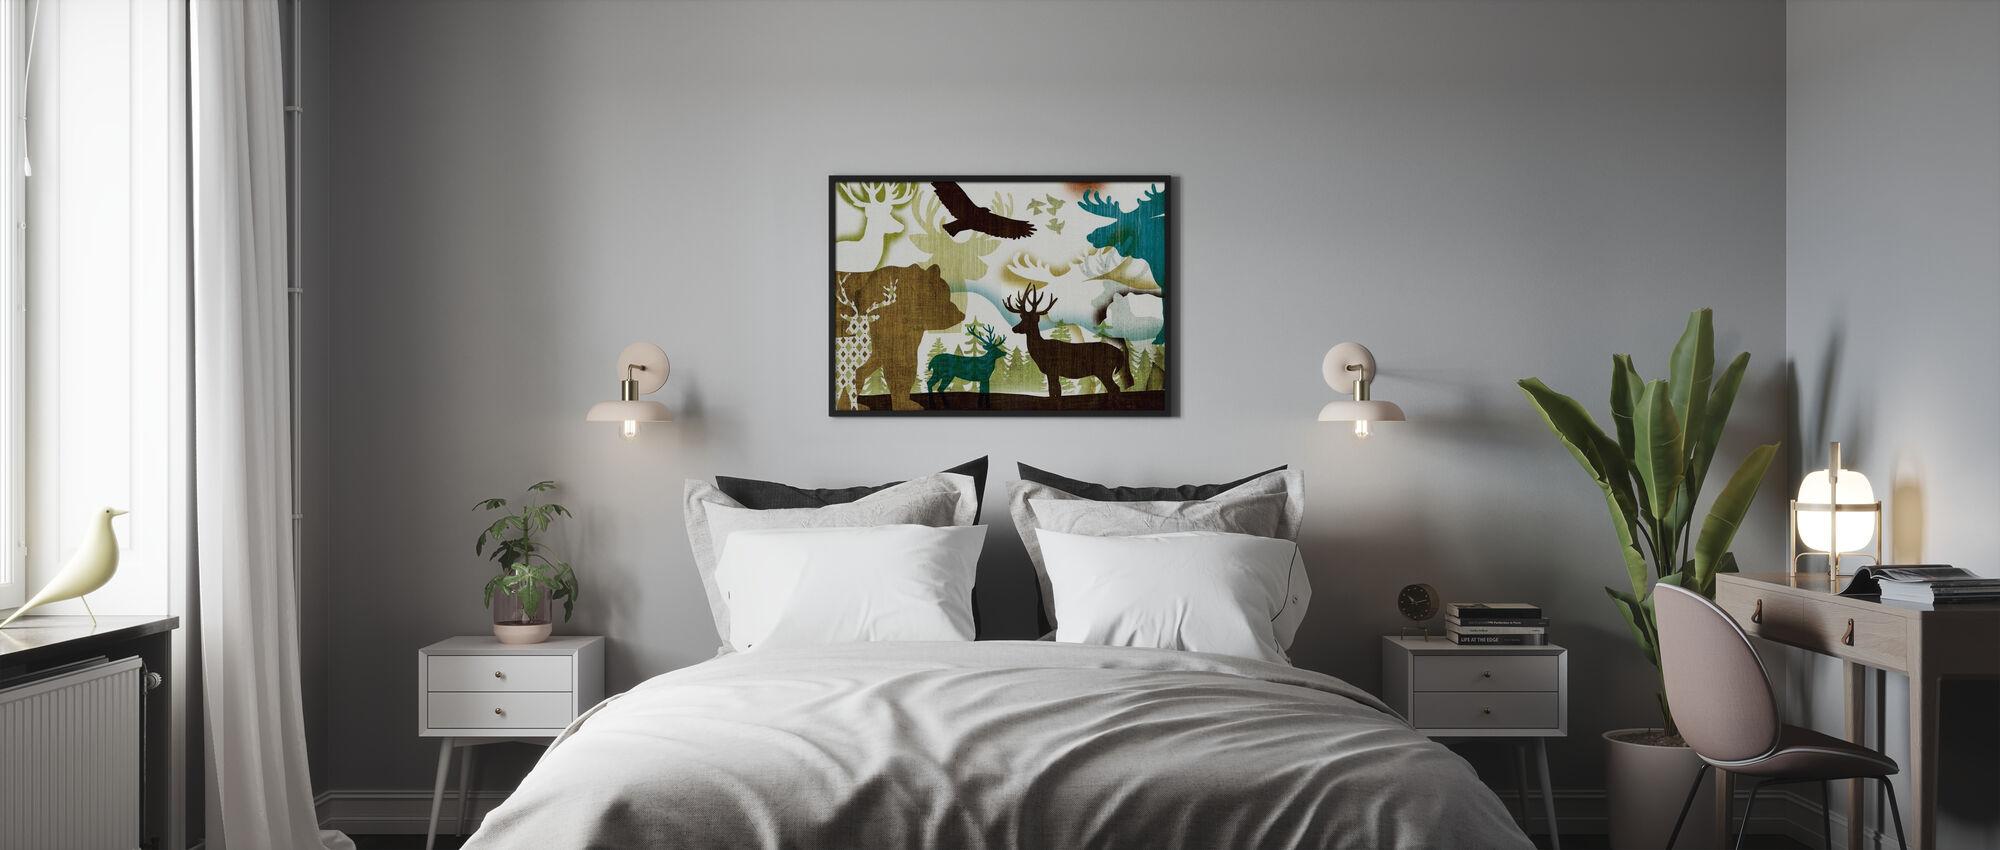 Dweller Collage I - Poster - Bedroom